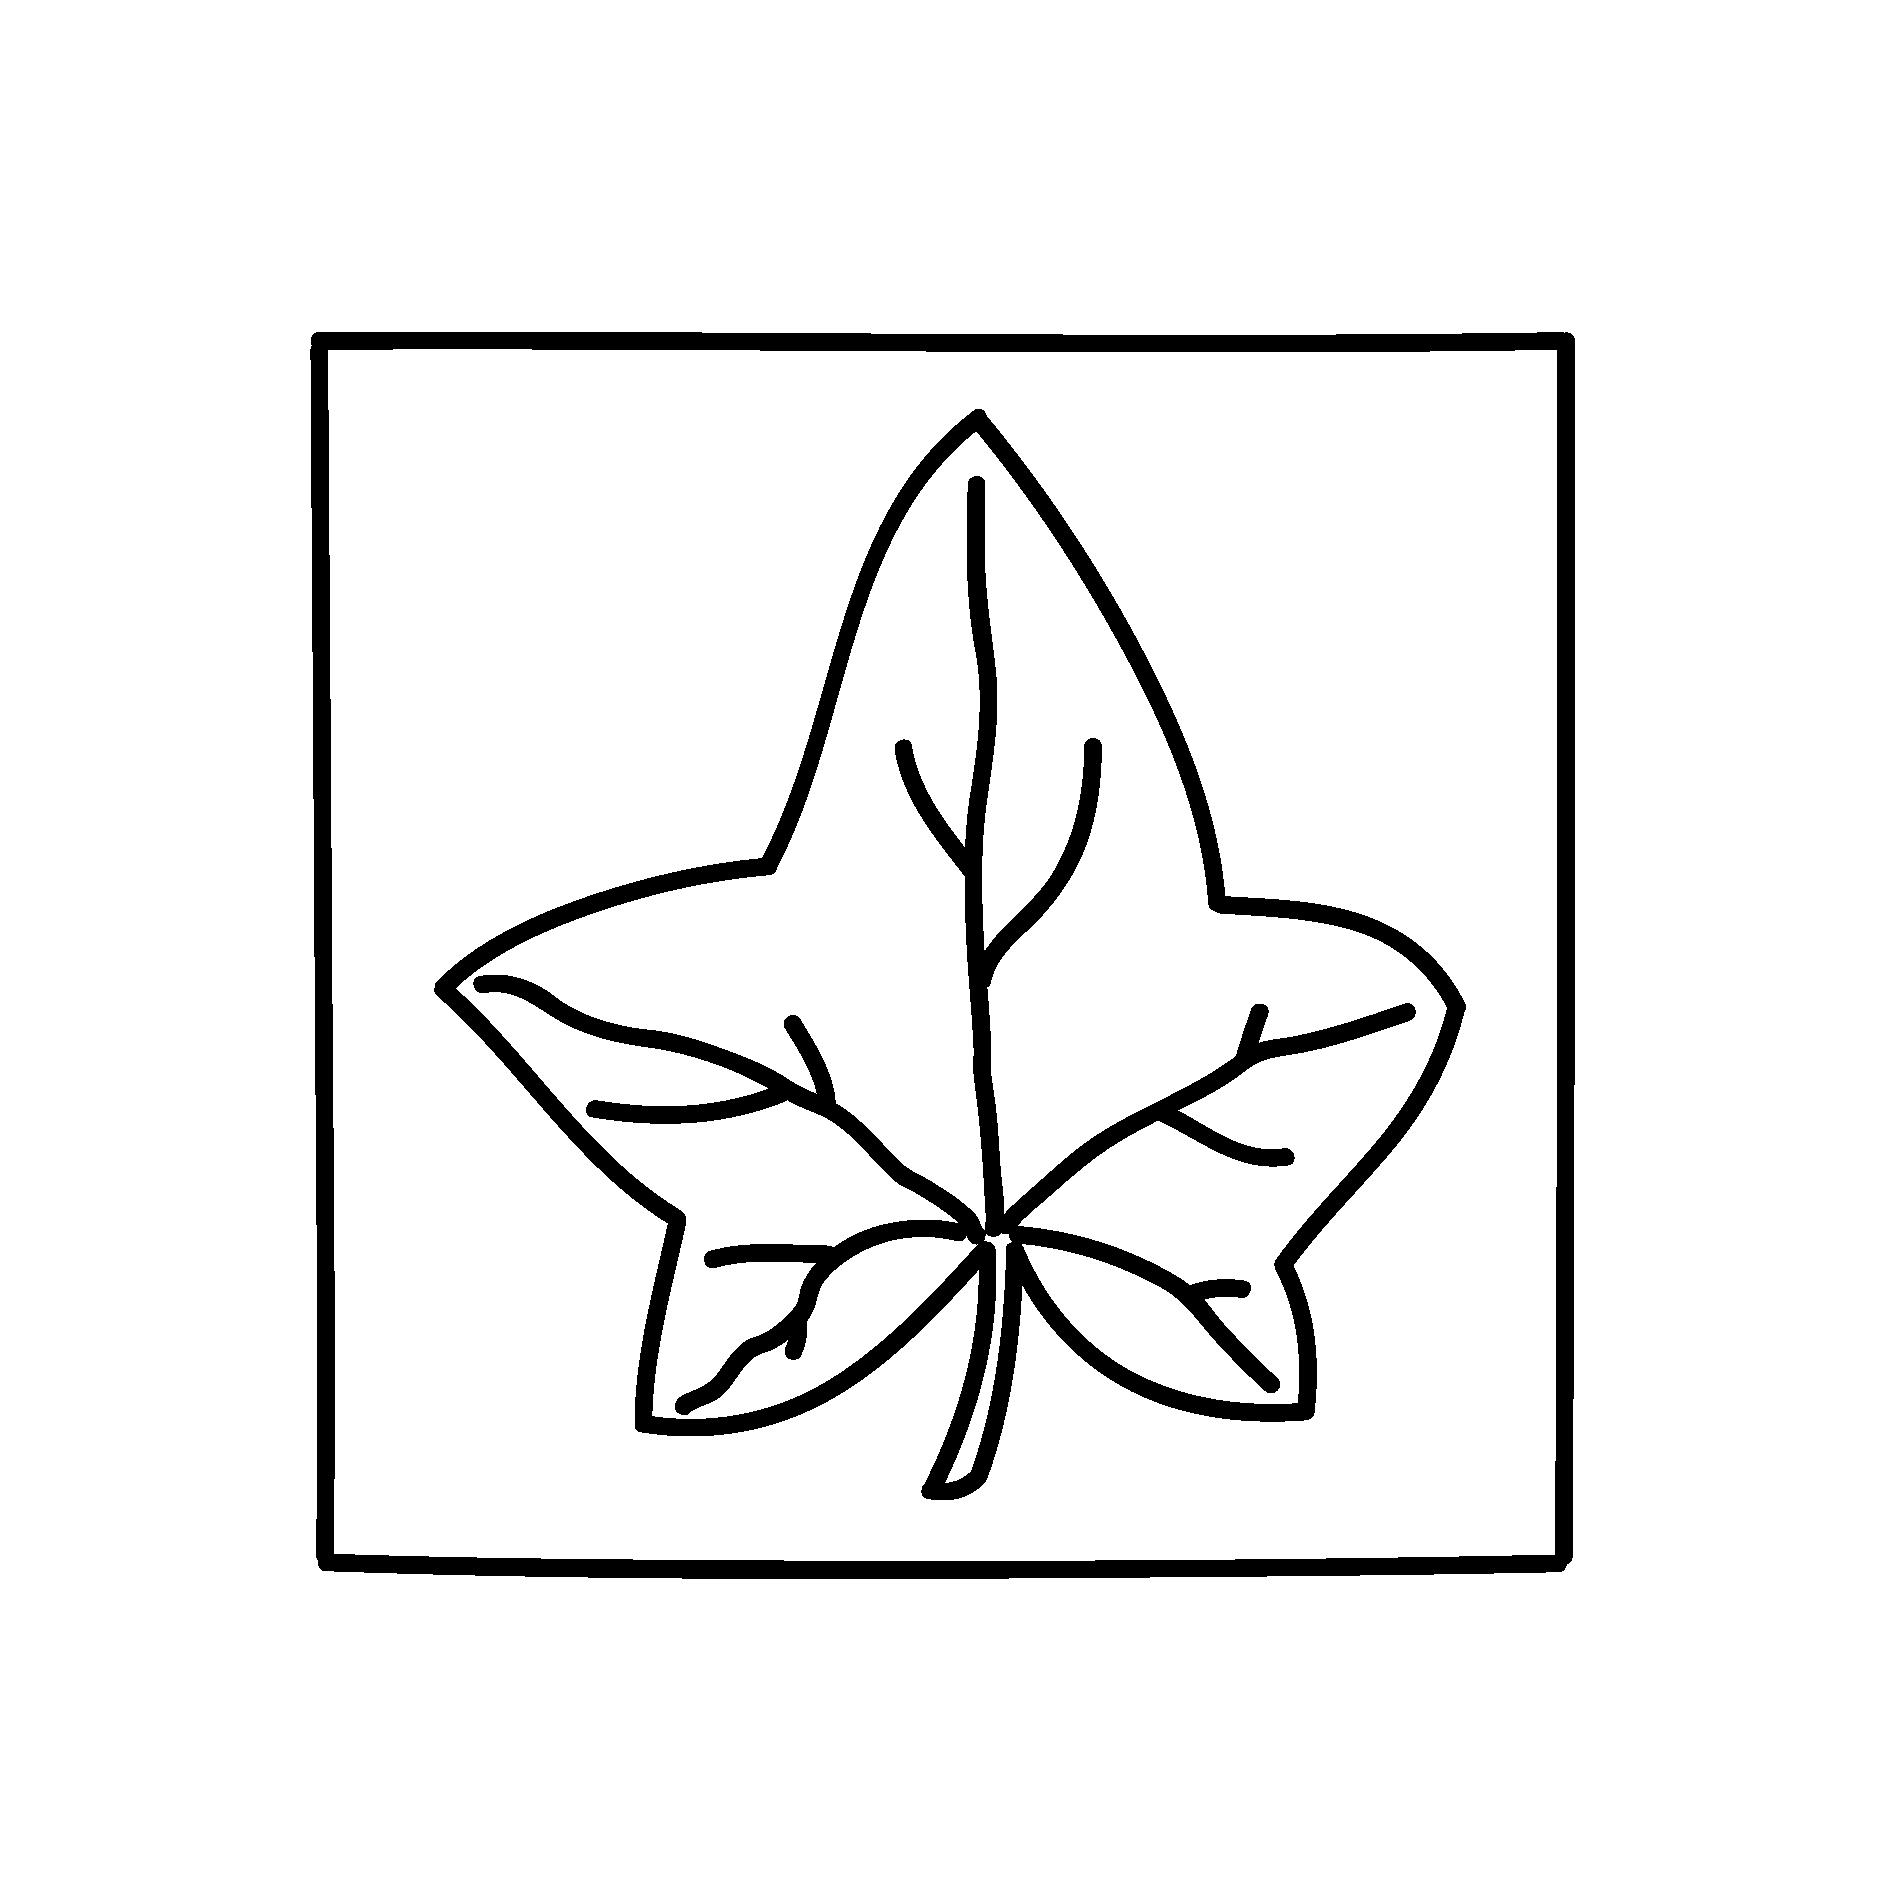 Knapillustrationsforpete-25.png